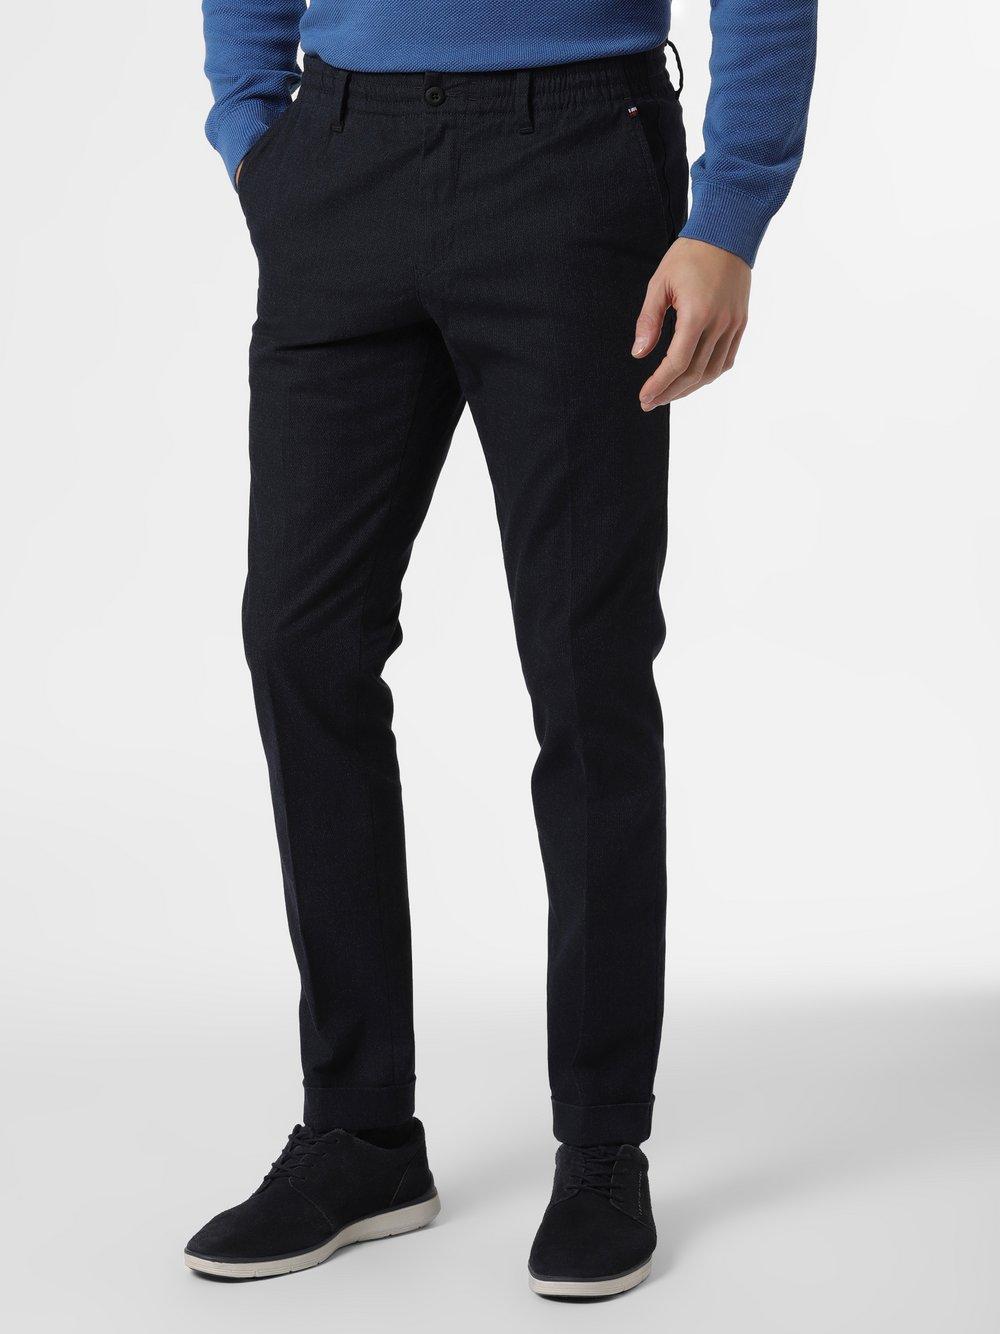 Tommy Hilfiger - Spodnie męskie, niebieski